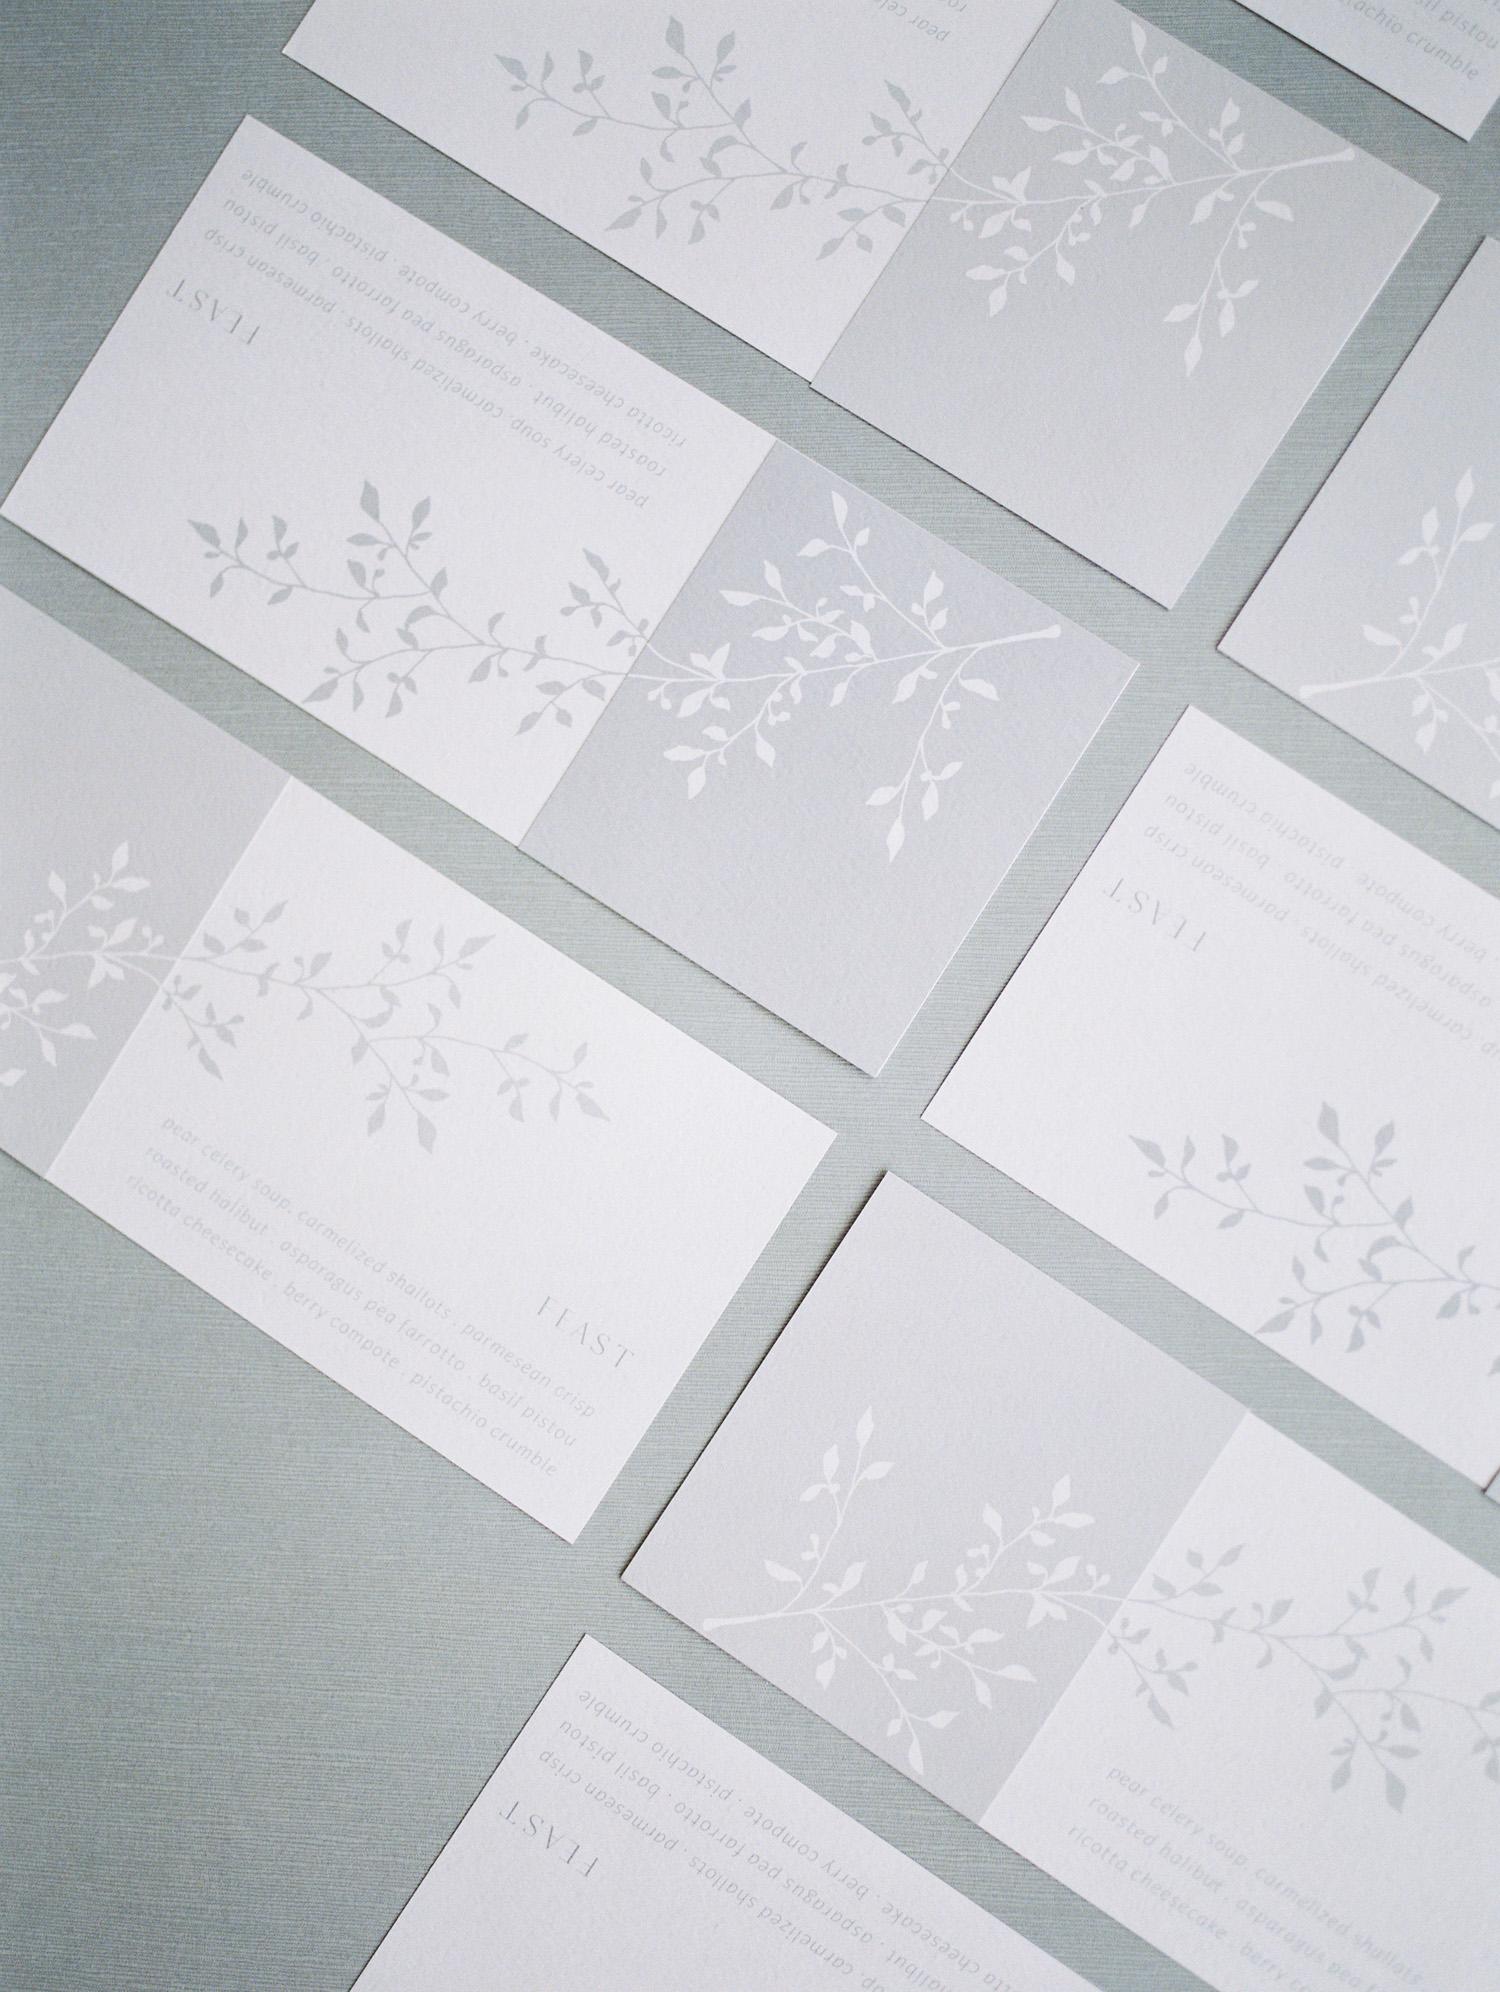 Grey wedding menus with a vine design by Erin Braun Design captured during her brand photoshoot in Michigan